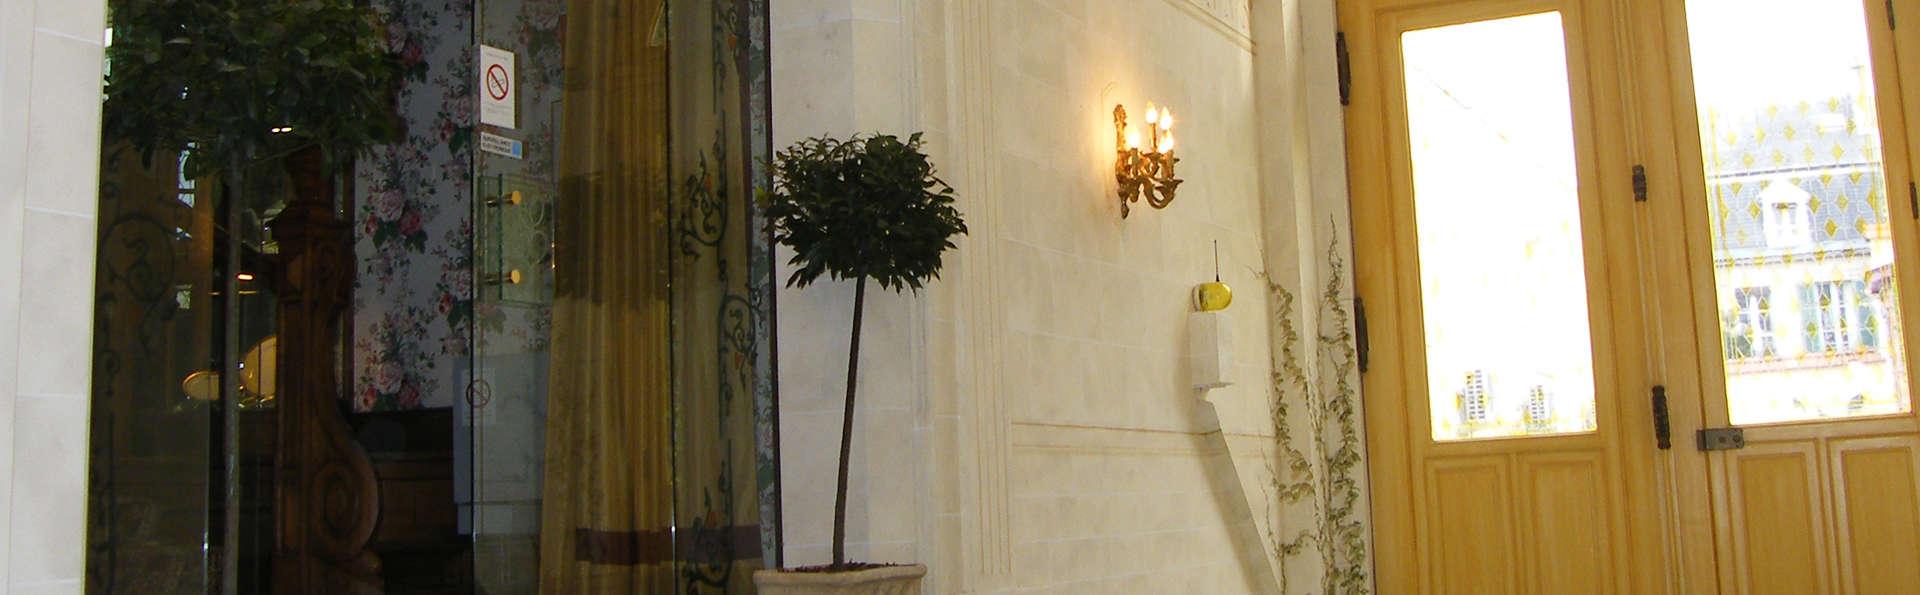 Grand Hôtel des Templiers - EDIT_entry.jpg